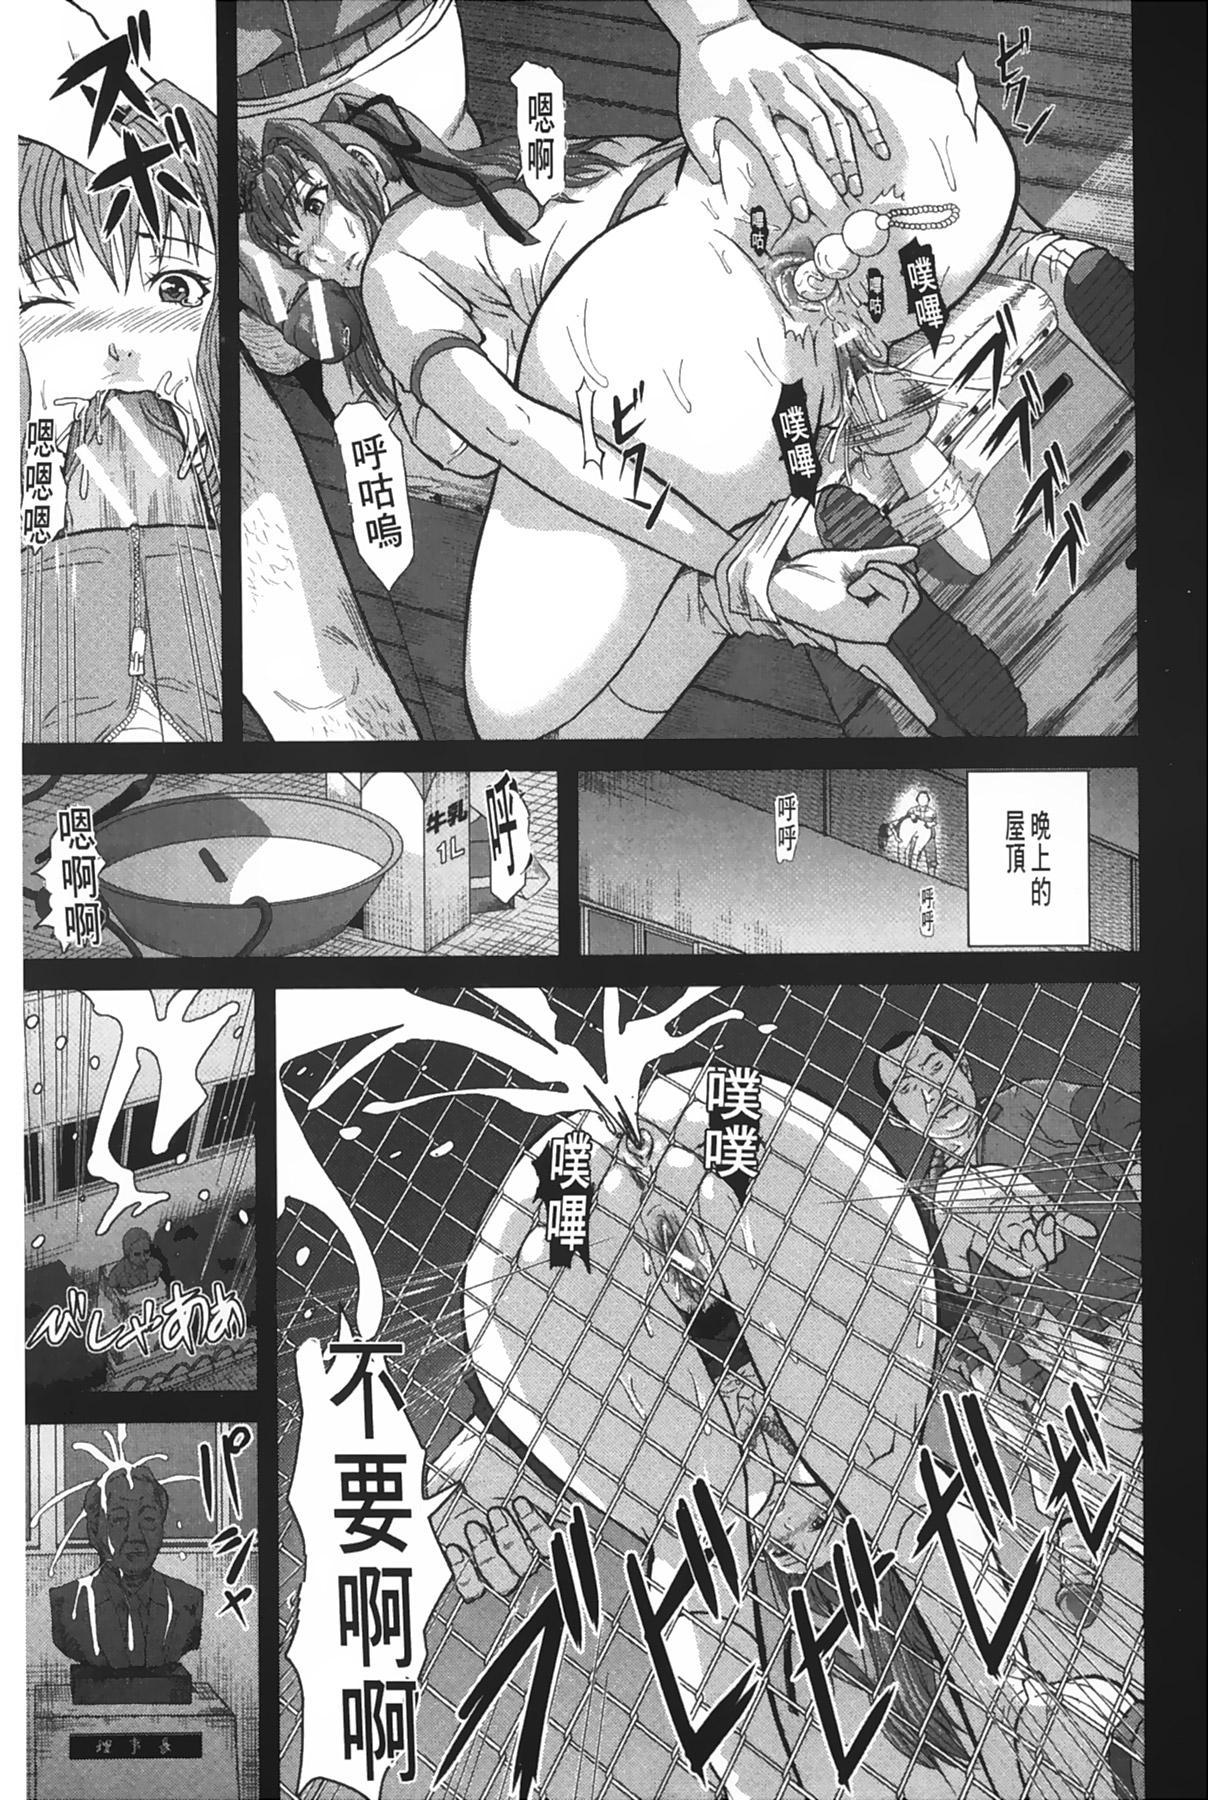 [Honebuto Danshaku] Onna Jigoku Niku no Tsubo~Hentai Rui Inran Ka Mesu Buta Ichidaiki~ | 女地獄、肉之壺 ~変態類淫乱科淫母豬一代記~ [Chinese] 123